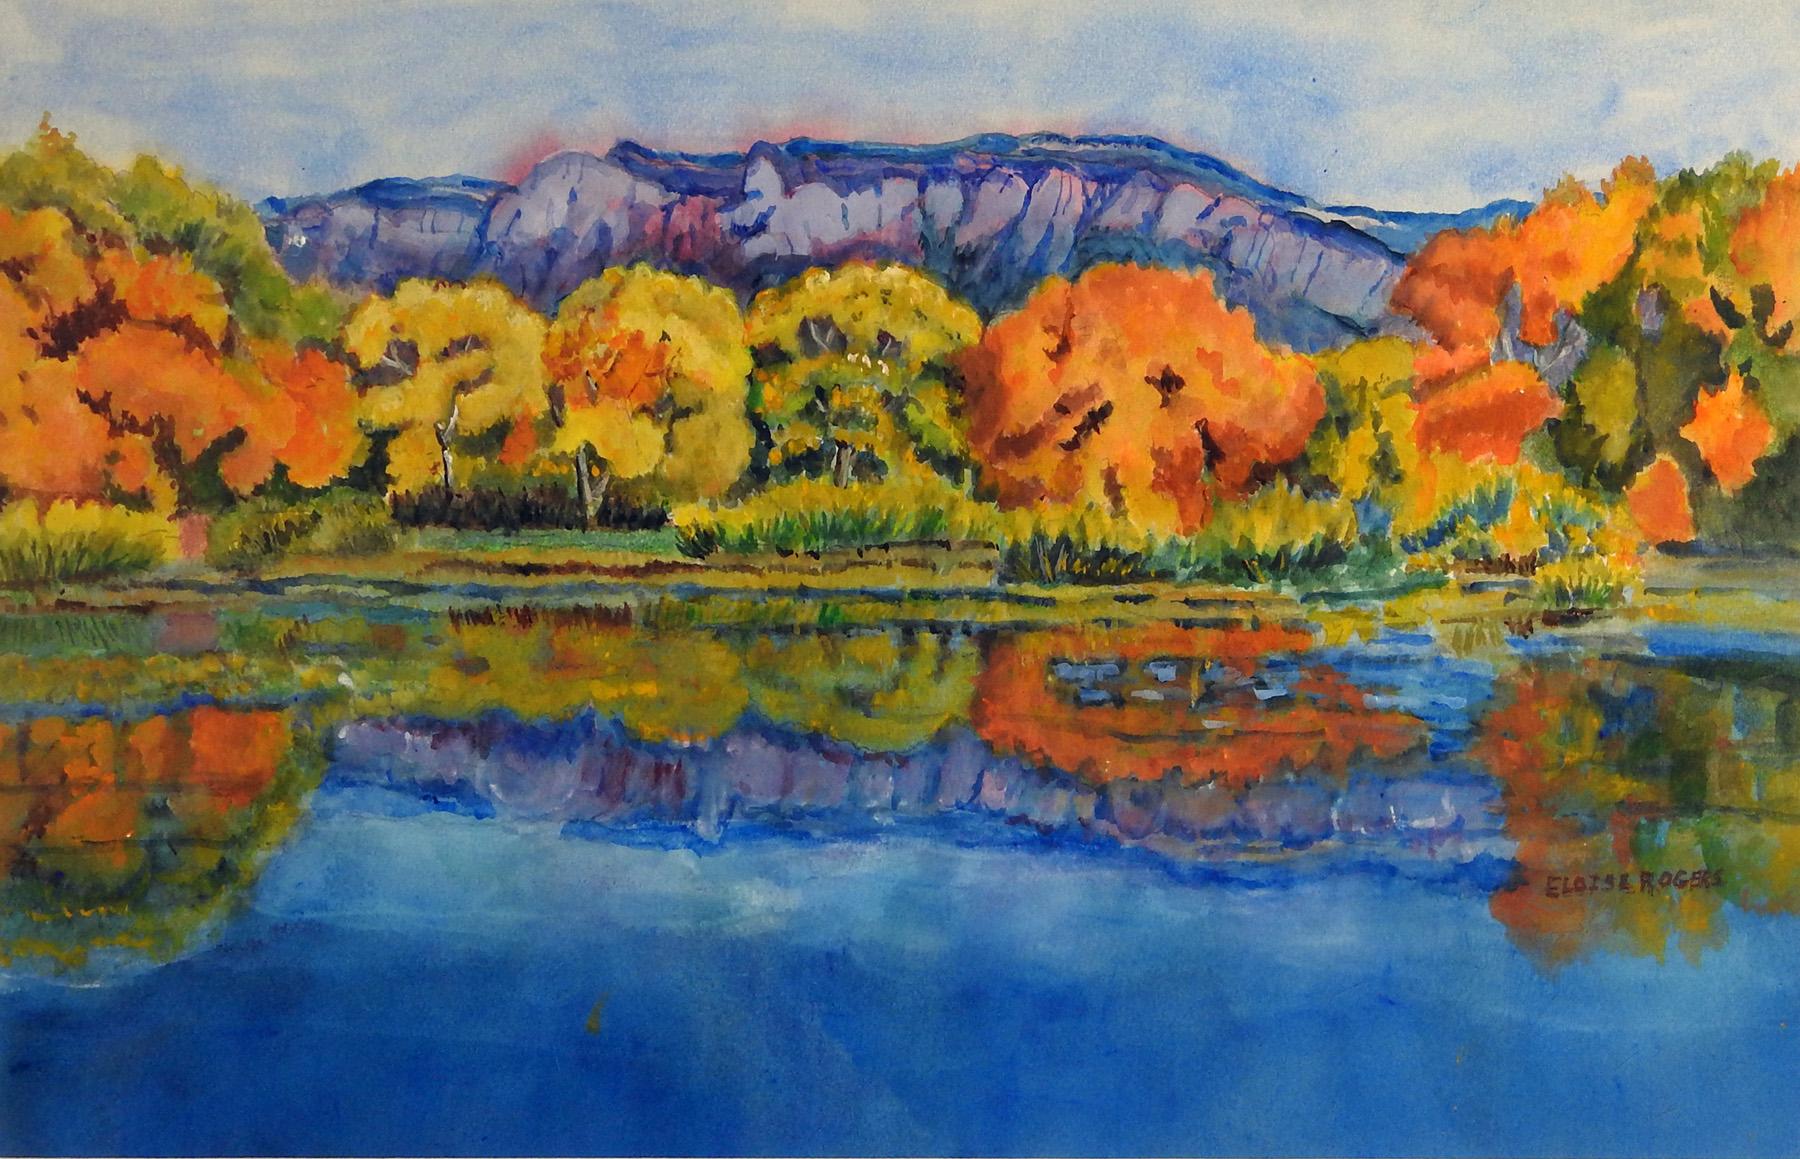 Eloise Rogers: Purple Mountain